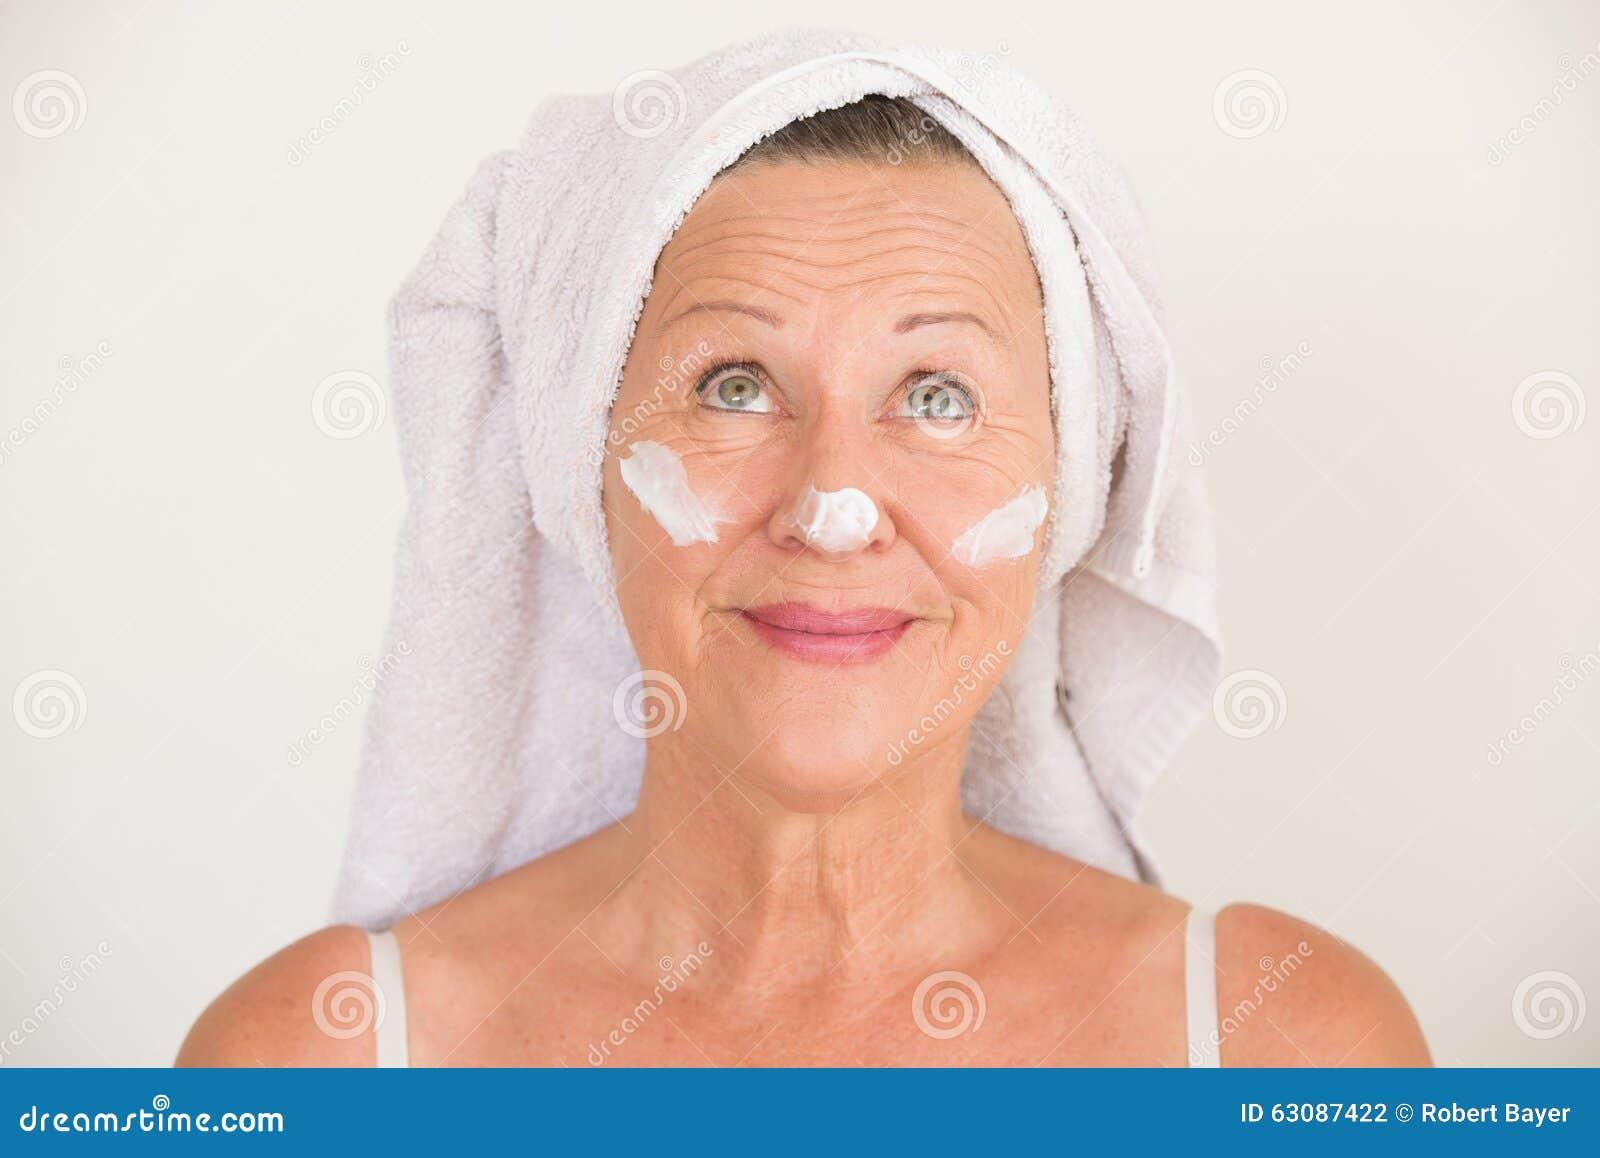 Crema para la piel para mujeres maduras